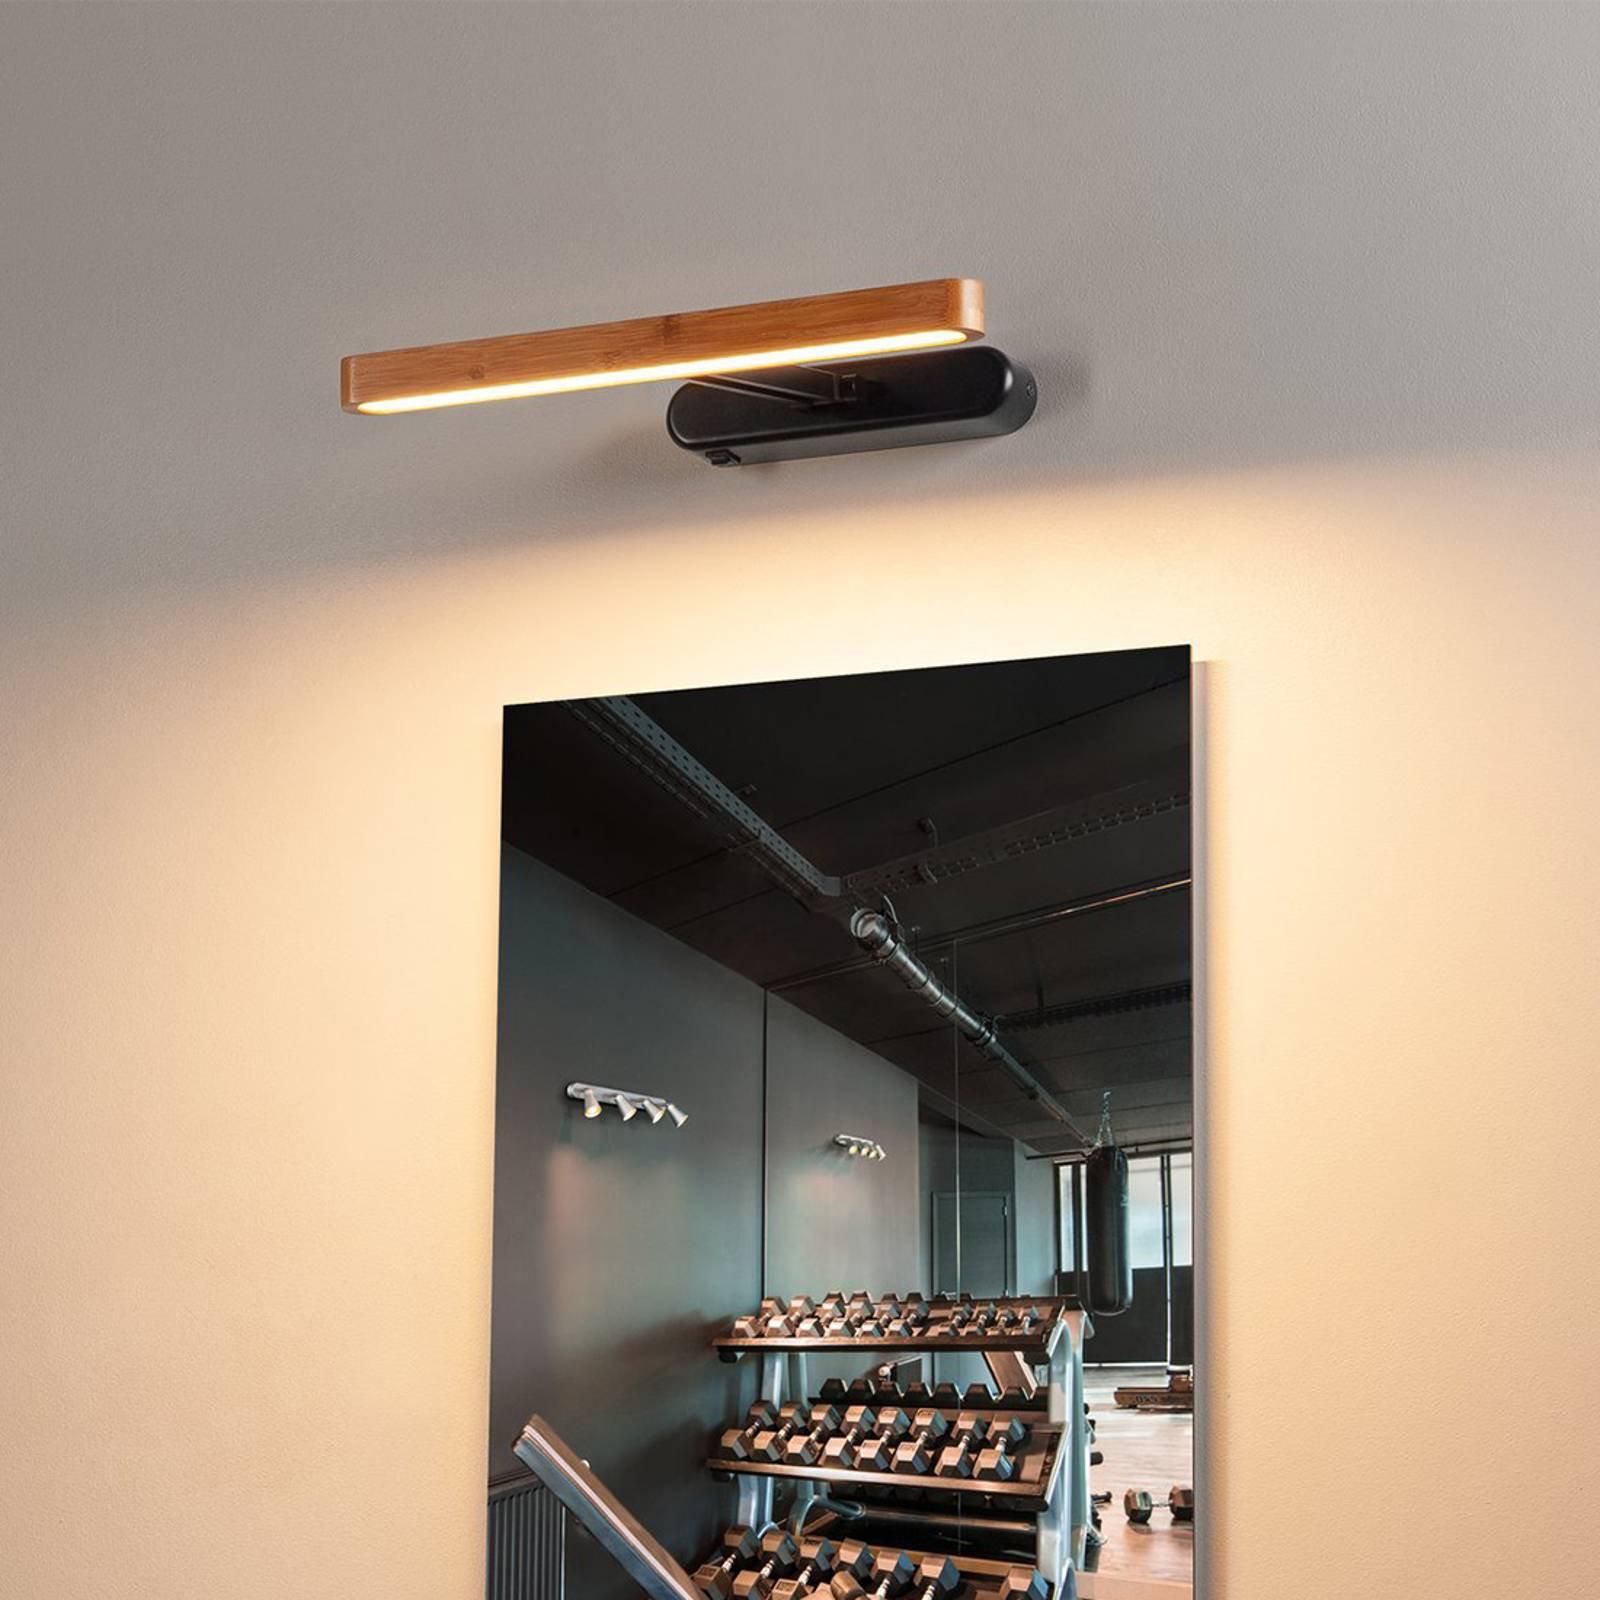 SLV Vincelli D LED-vegglampe, dybde 10,4 cm